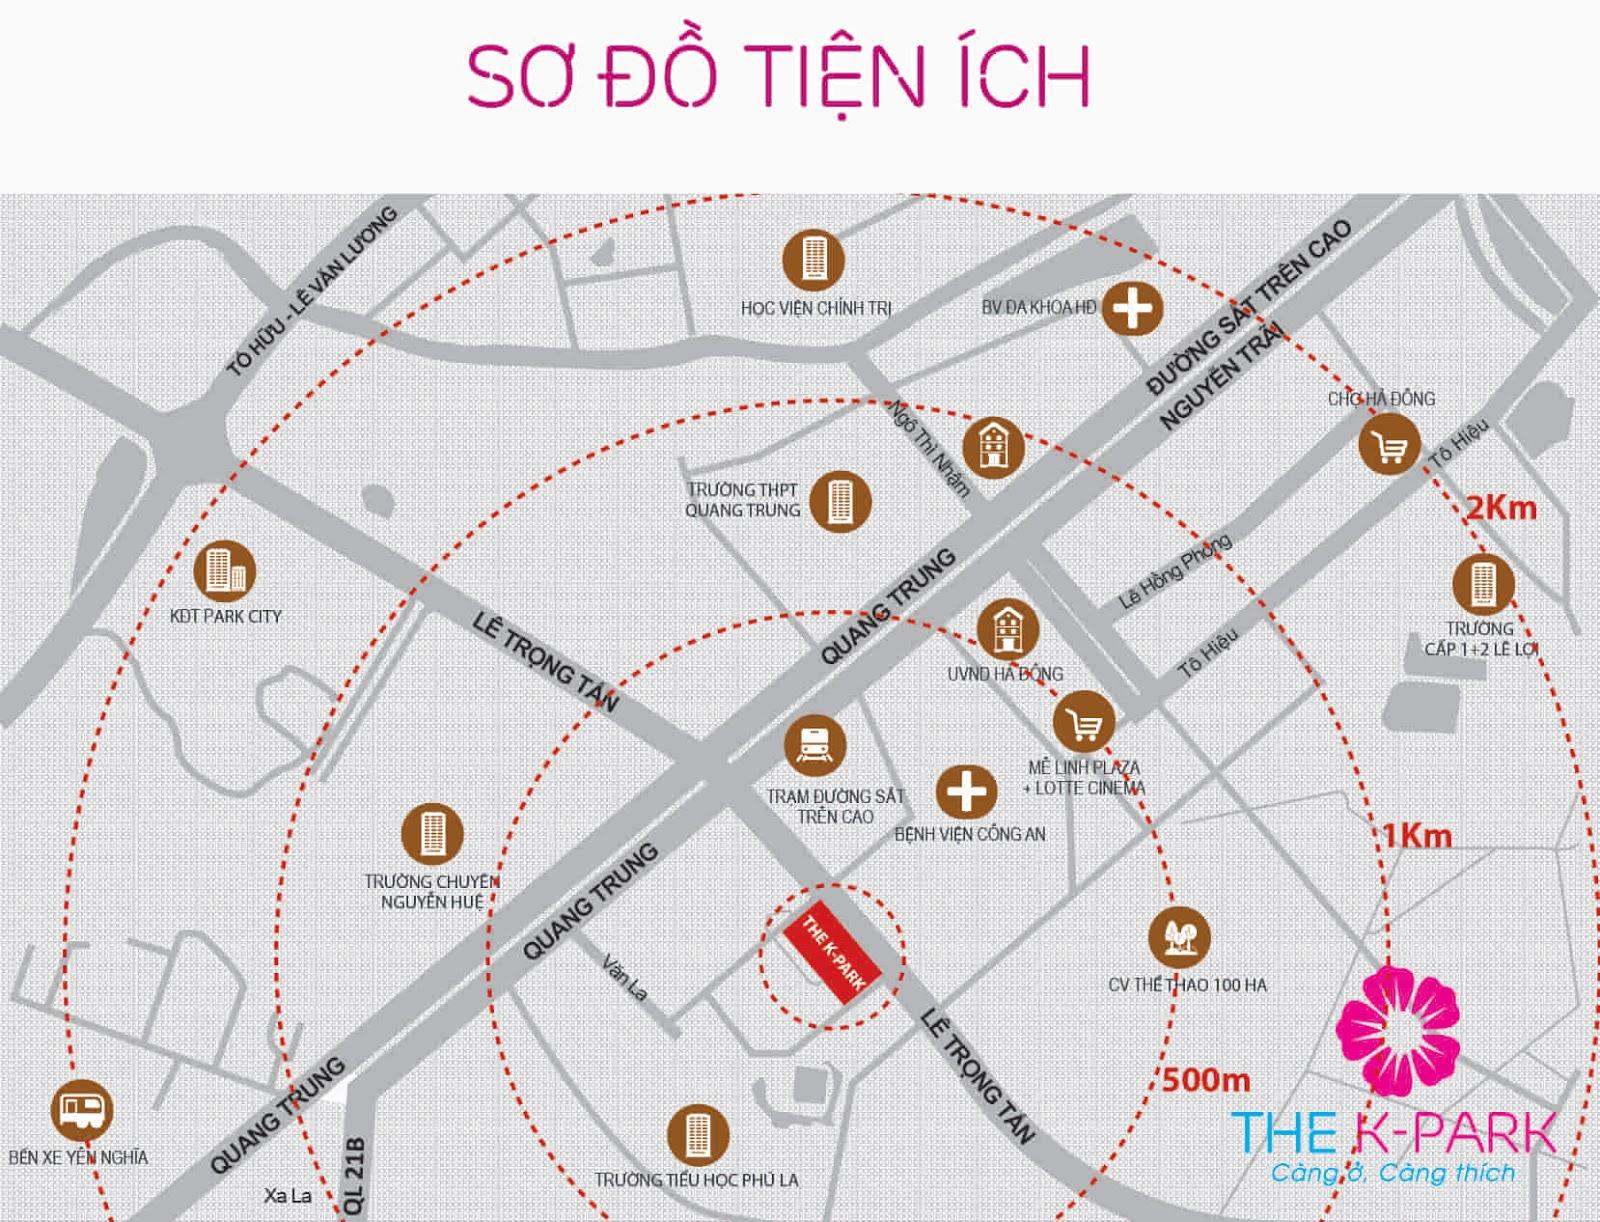 Sơ đồ tiện ích kết nối vùng dự án The K Park